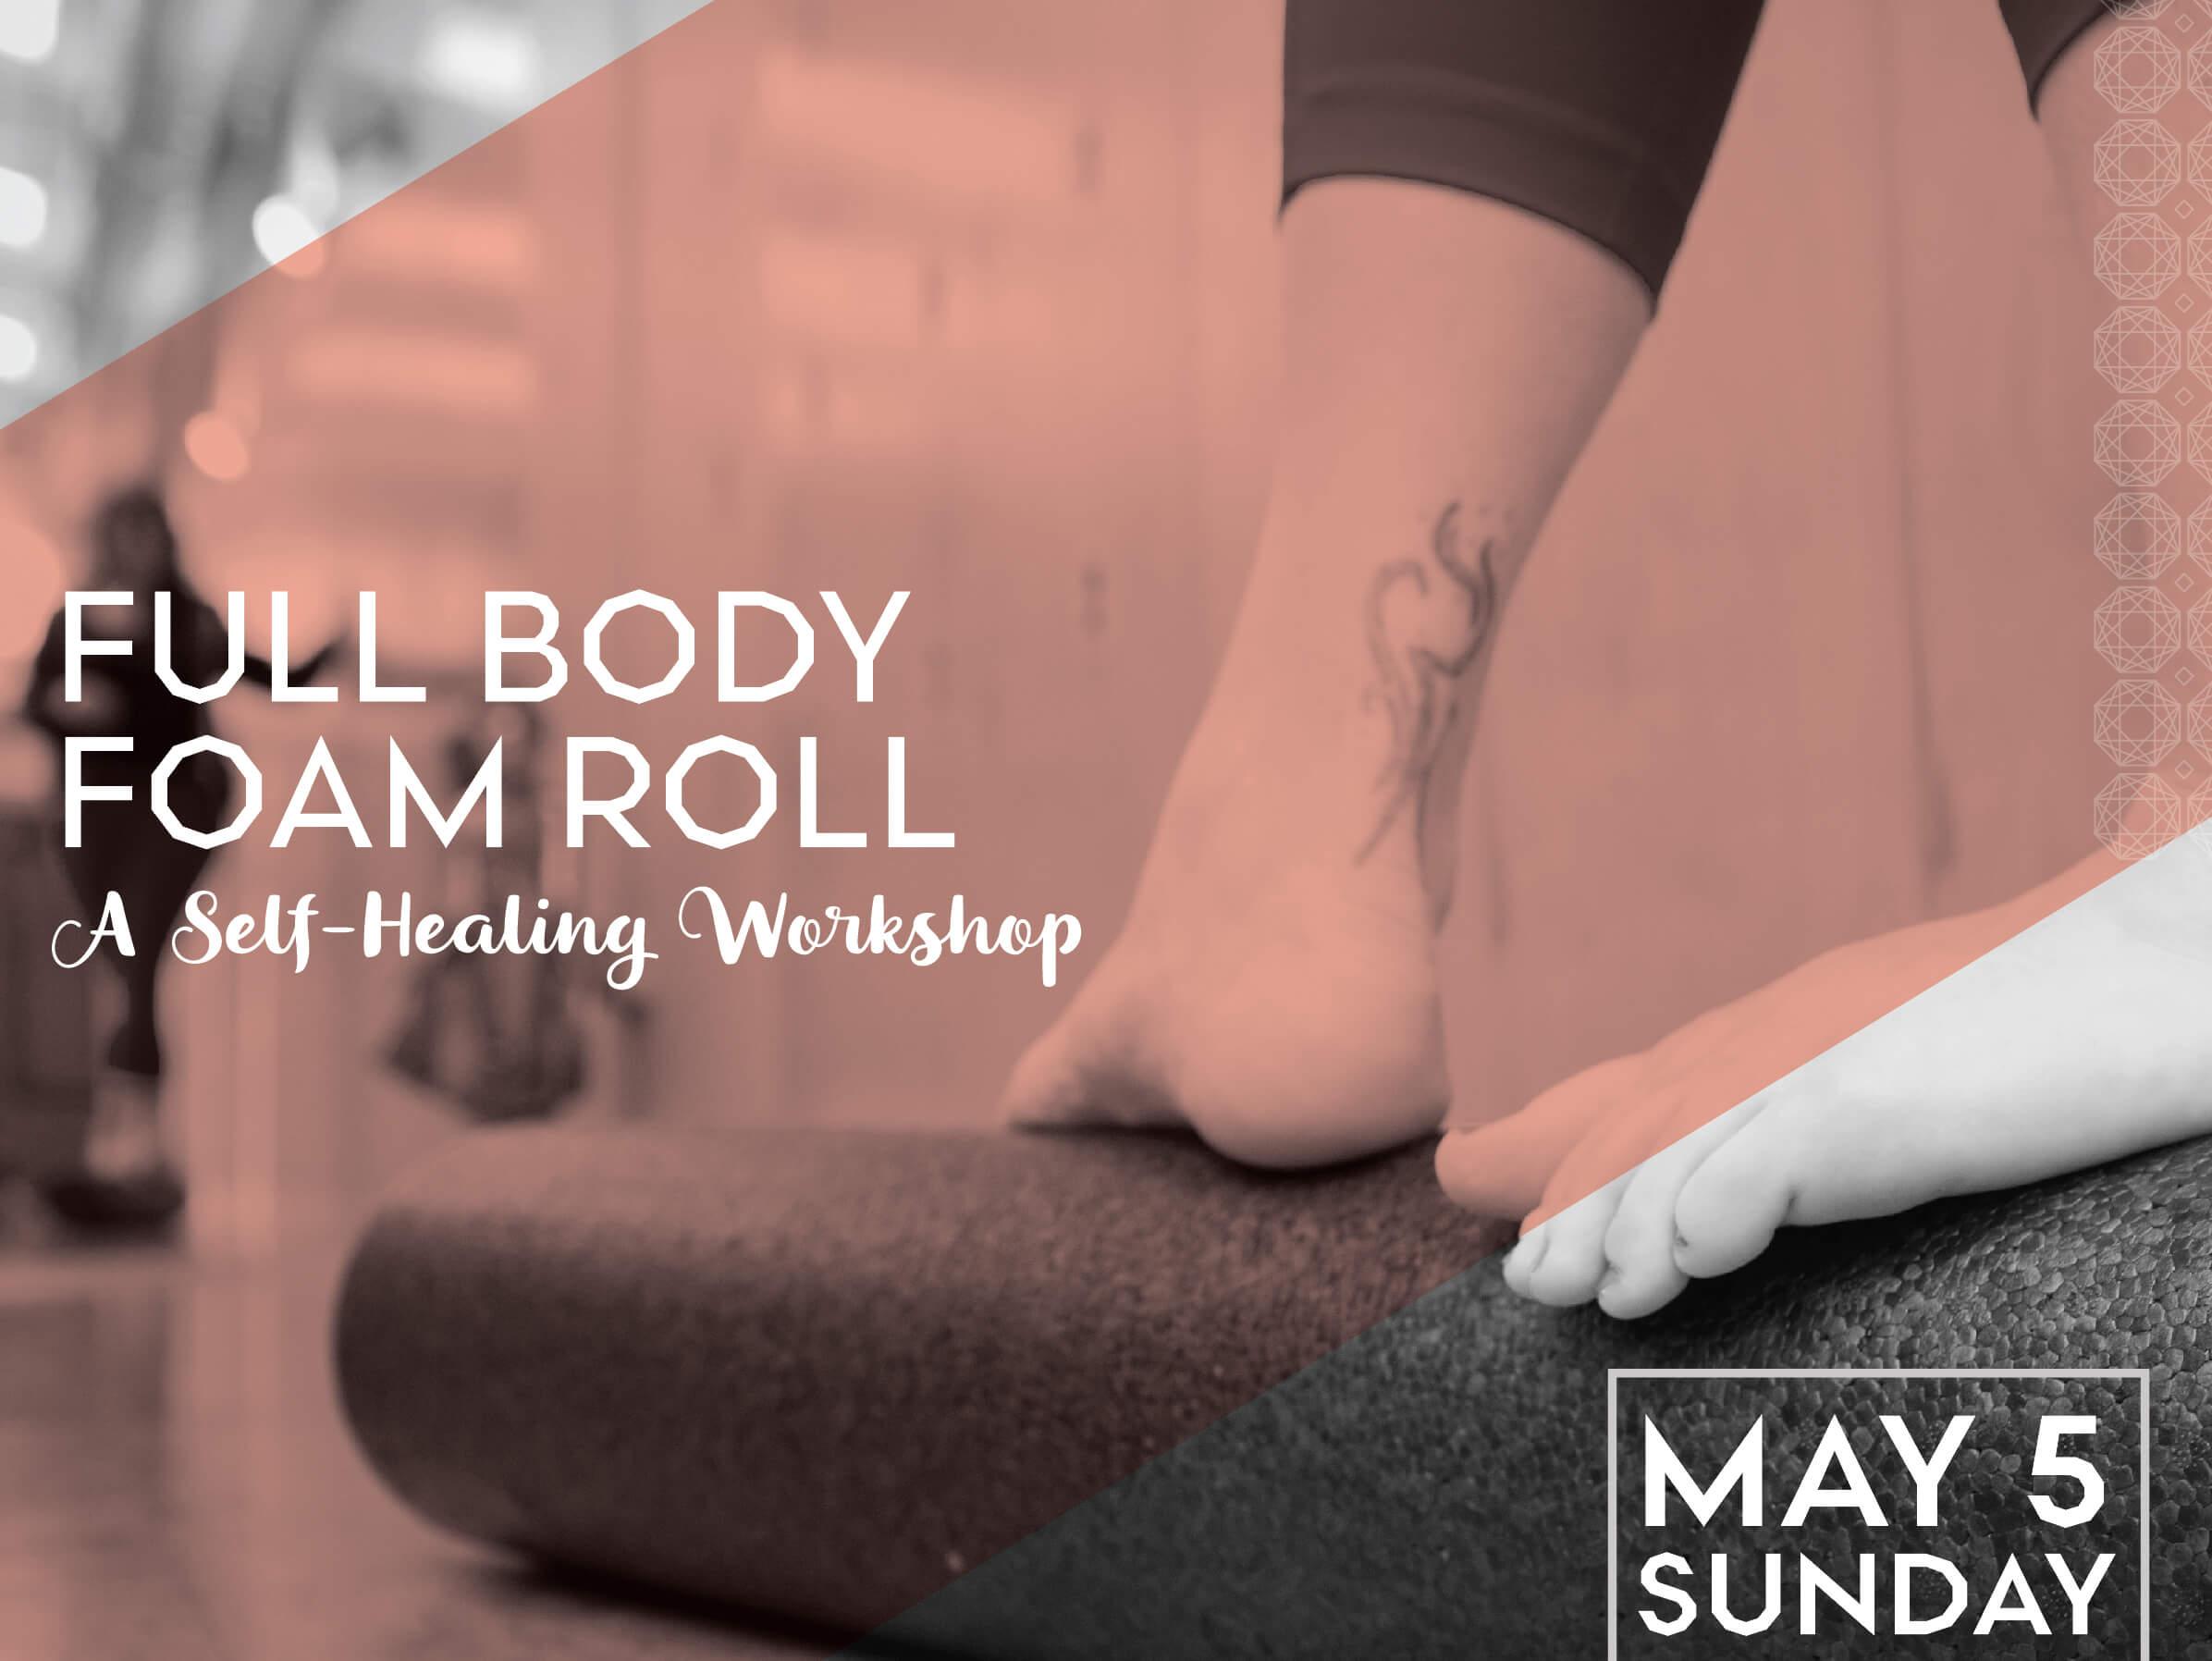 Full Body Foam Roll: A Self-Healing Workshop